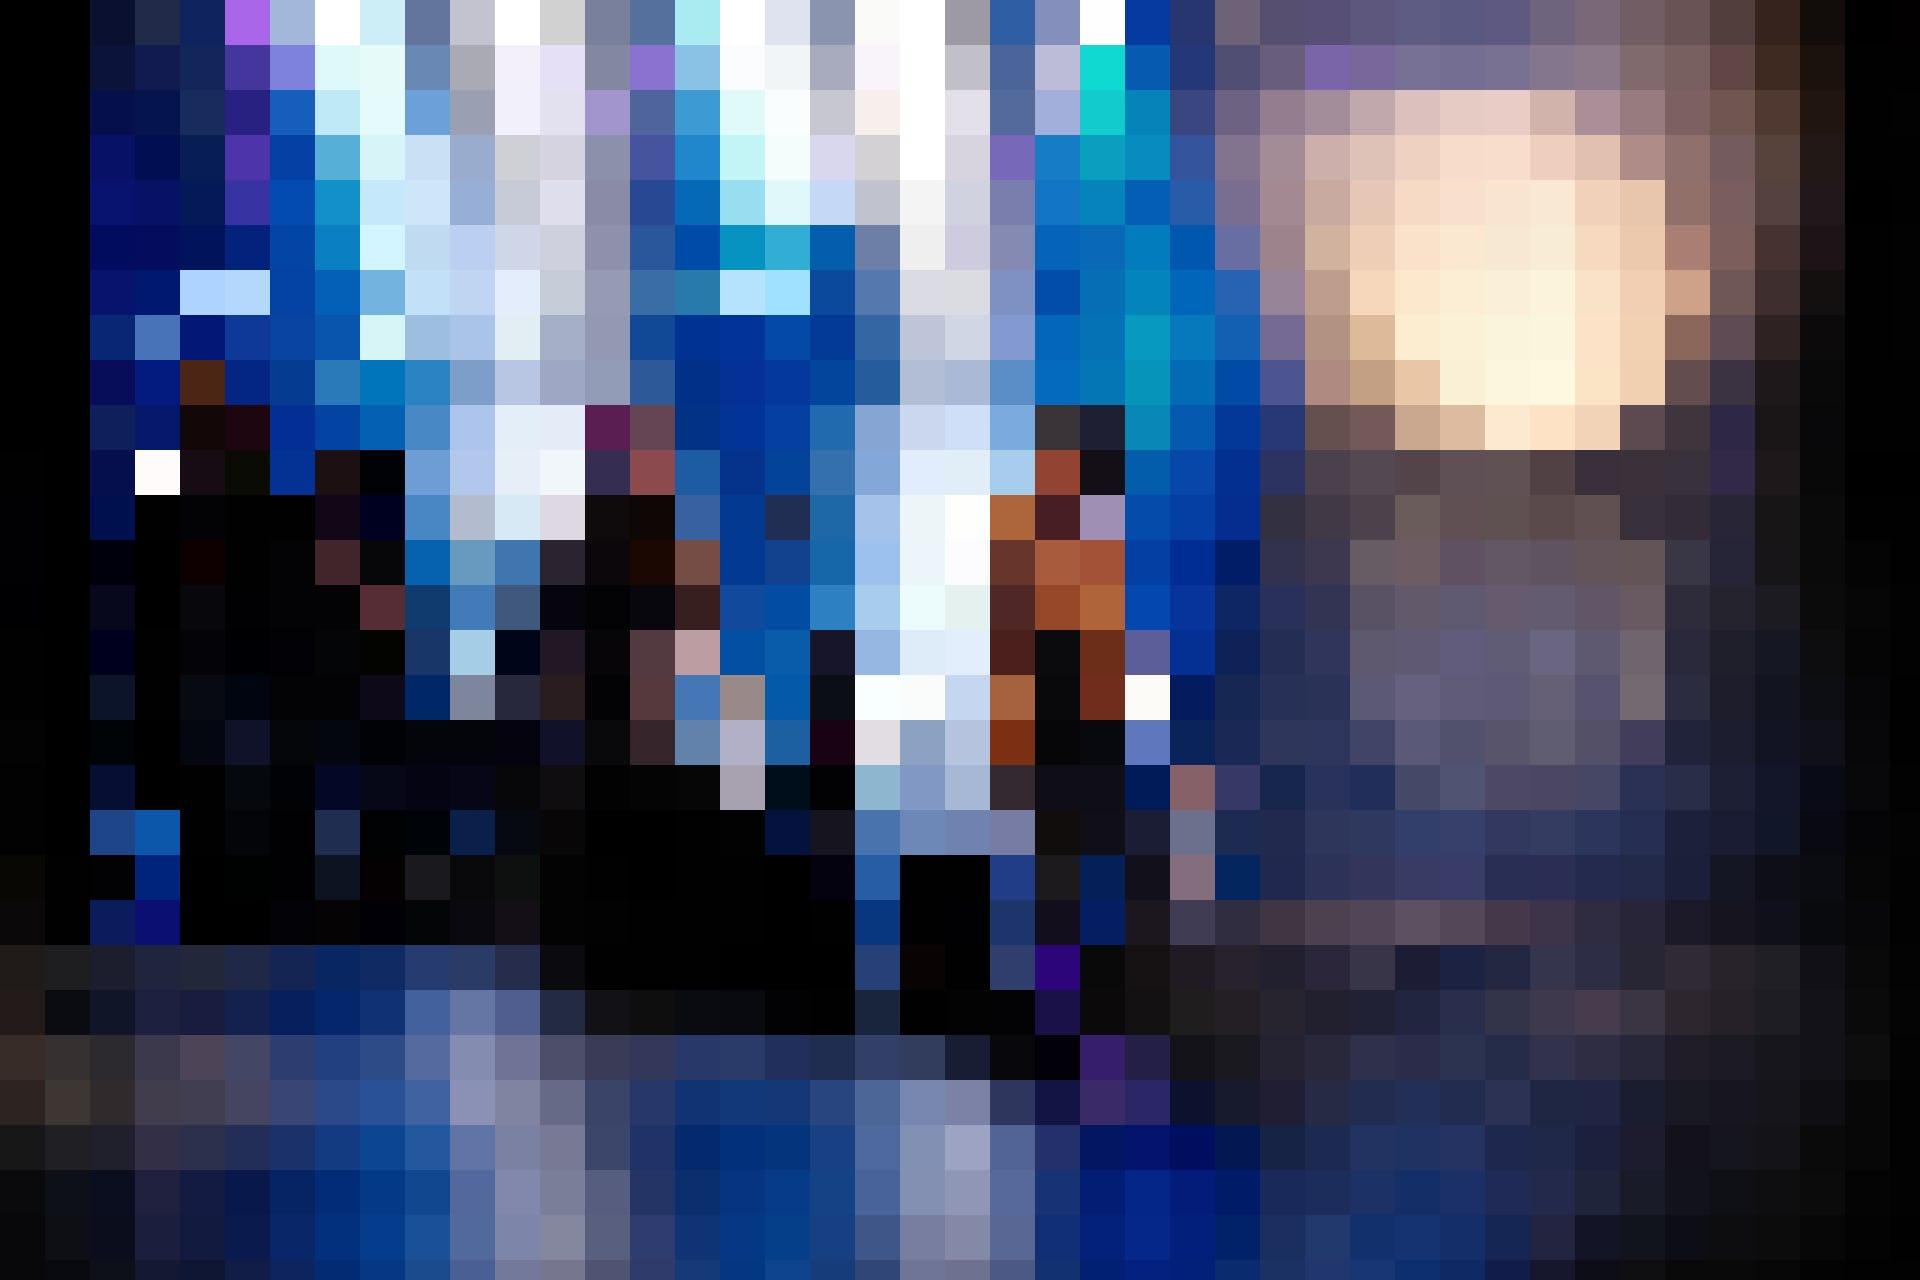 Rislane & the Lovers spielten ihre erste Live-Performance und teilte sich gleich die grosse Bühne mit James Brown, Etta James und Marvin Gaye.